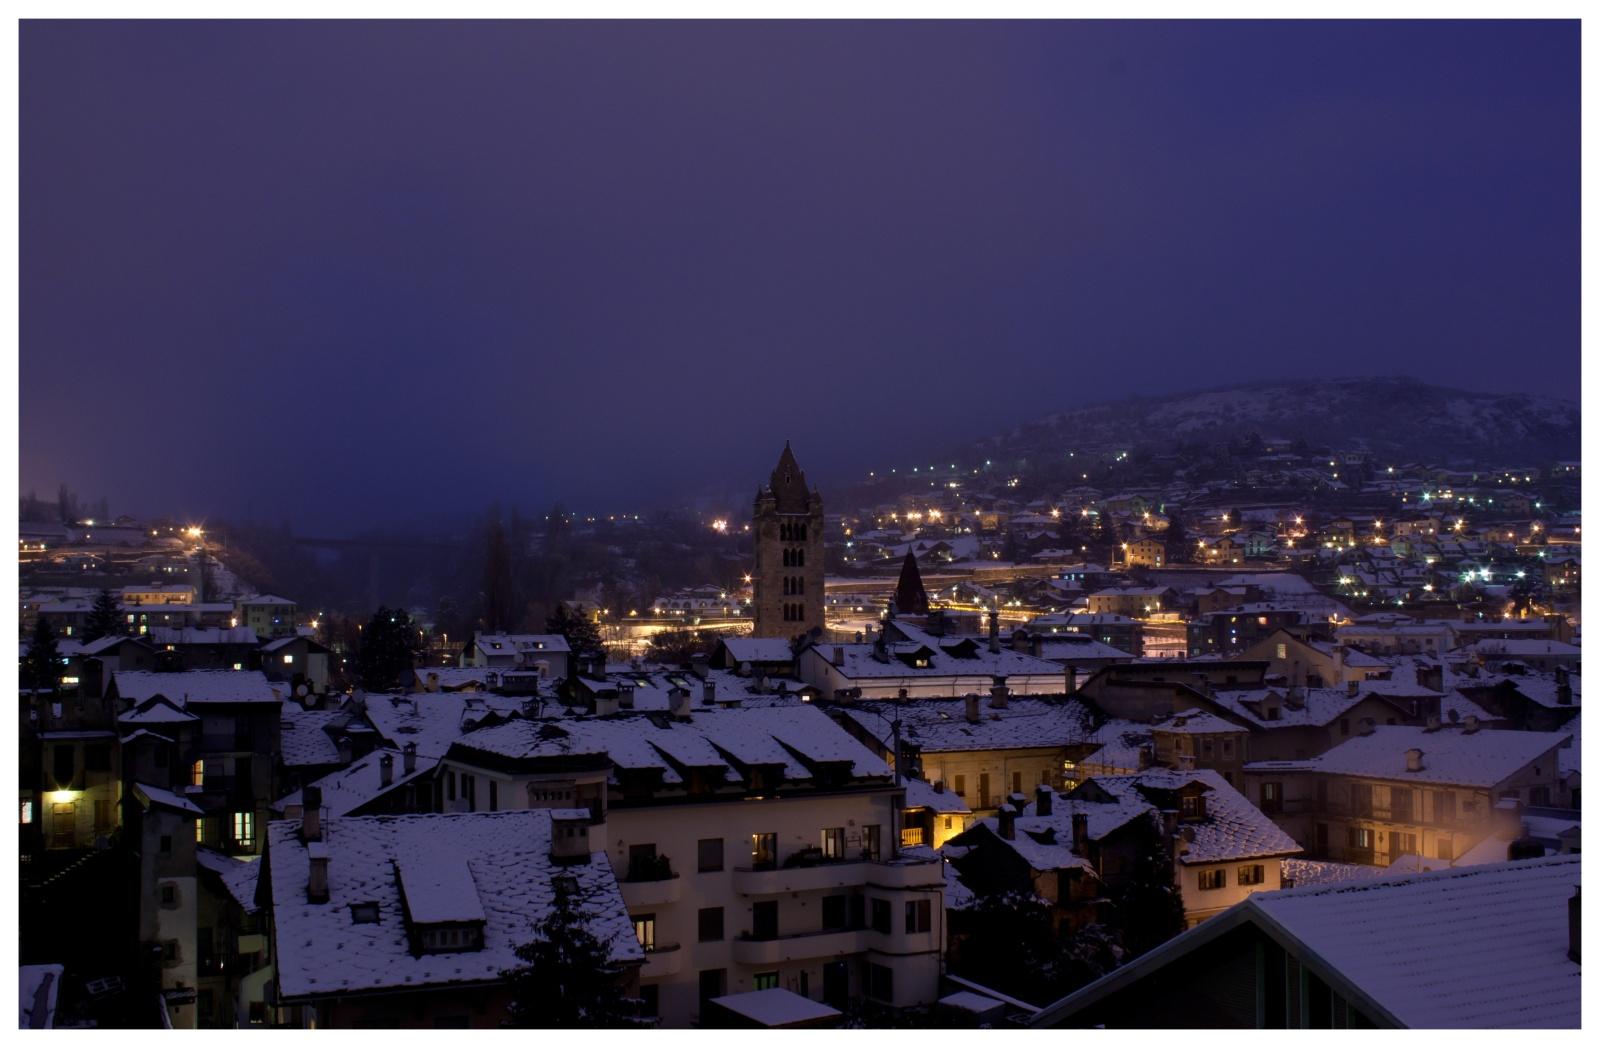 Aosta - Il centro di Aosta vista di Notte